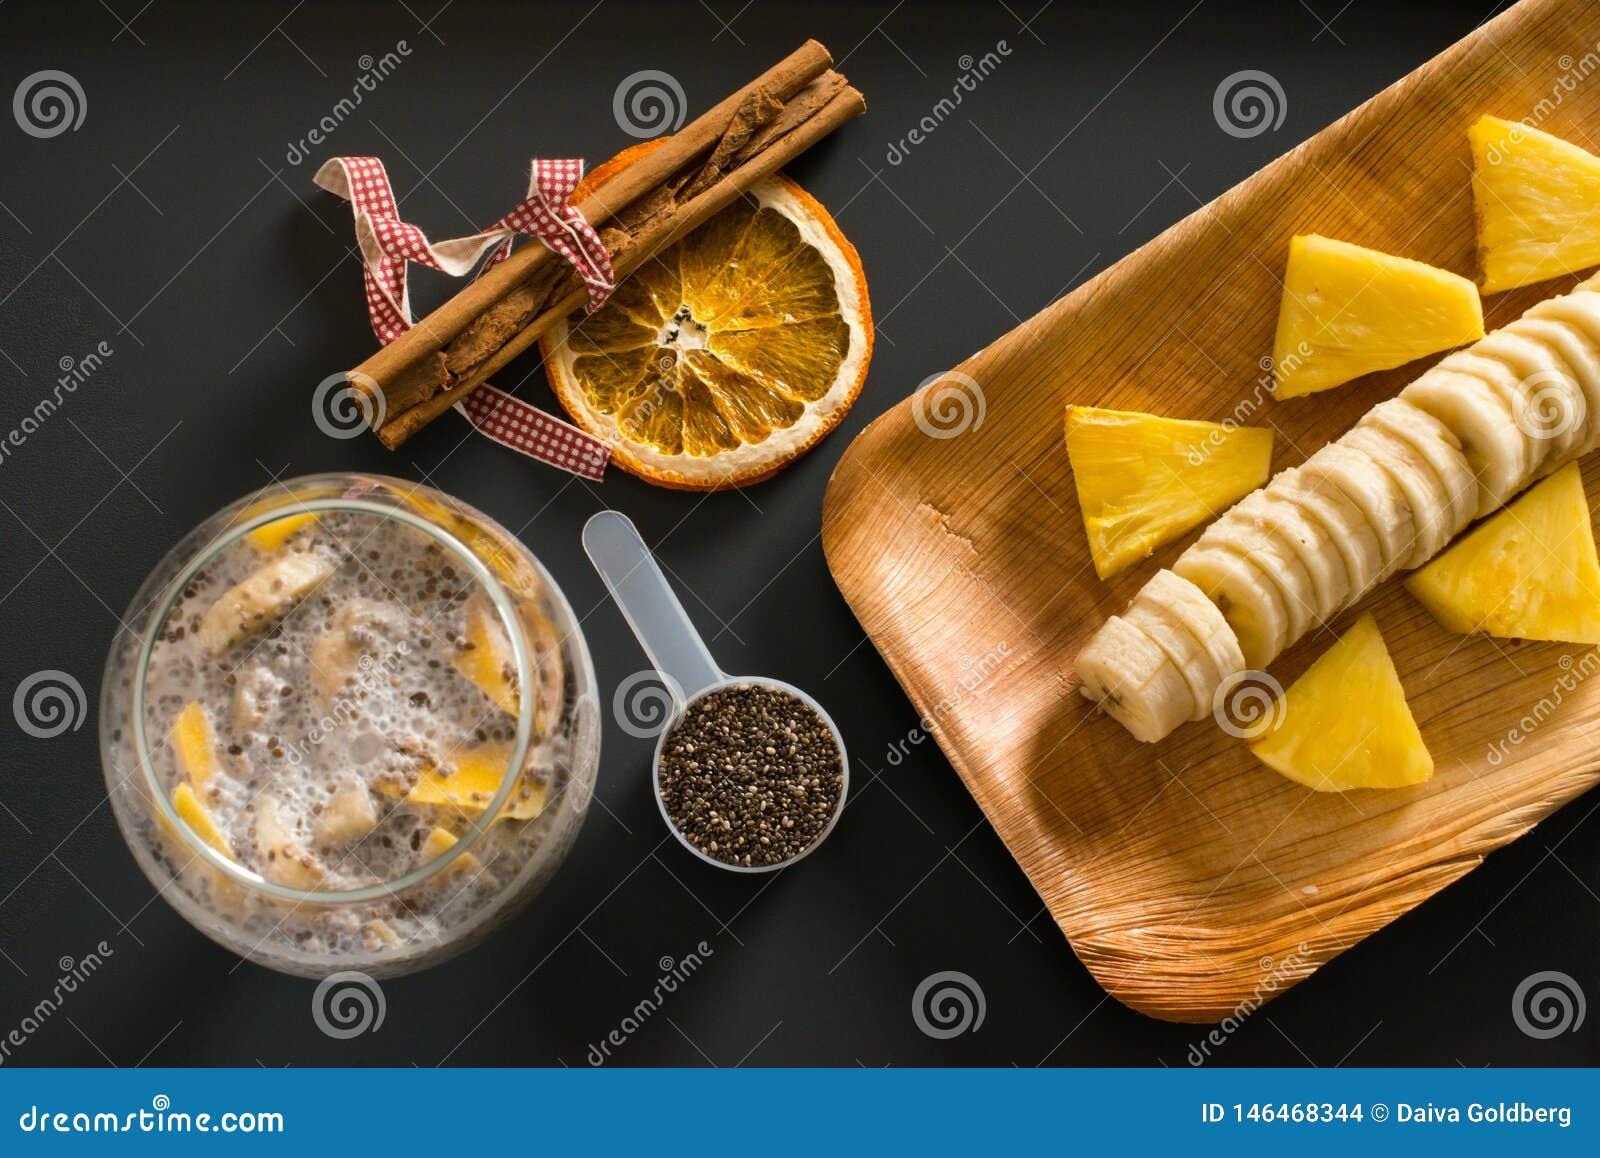 Smoothie манго с бананом, семенами chia и молоком кокоса на темной предпосылке